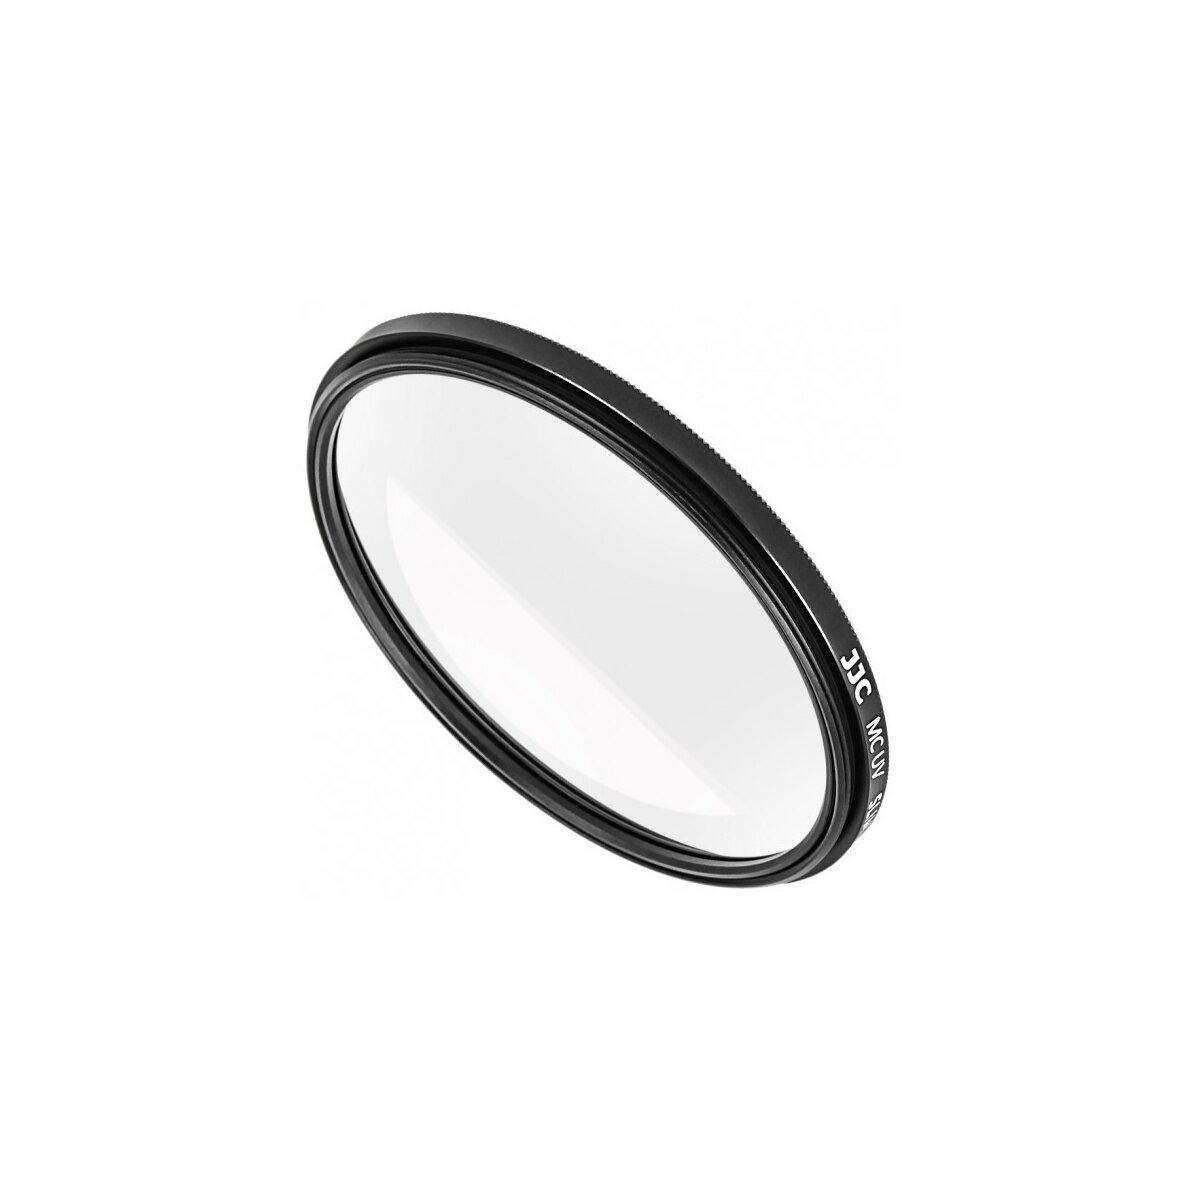 Ultra Flacher UV-Filter Schutzfilter fuer Objektive mit 77 mm Filtergewinde - reduziert stoerenden Dunst und schuetzt ihr wertvolles Objektiv